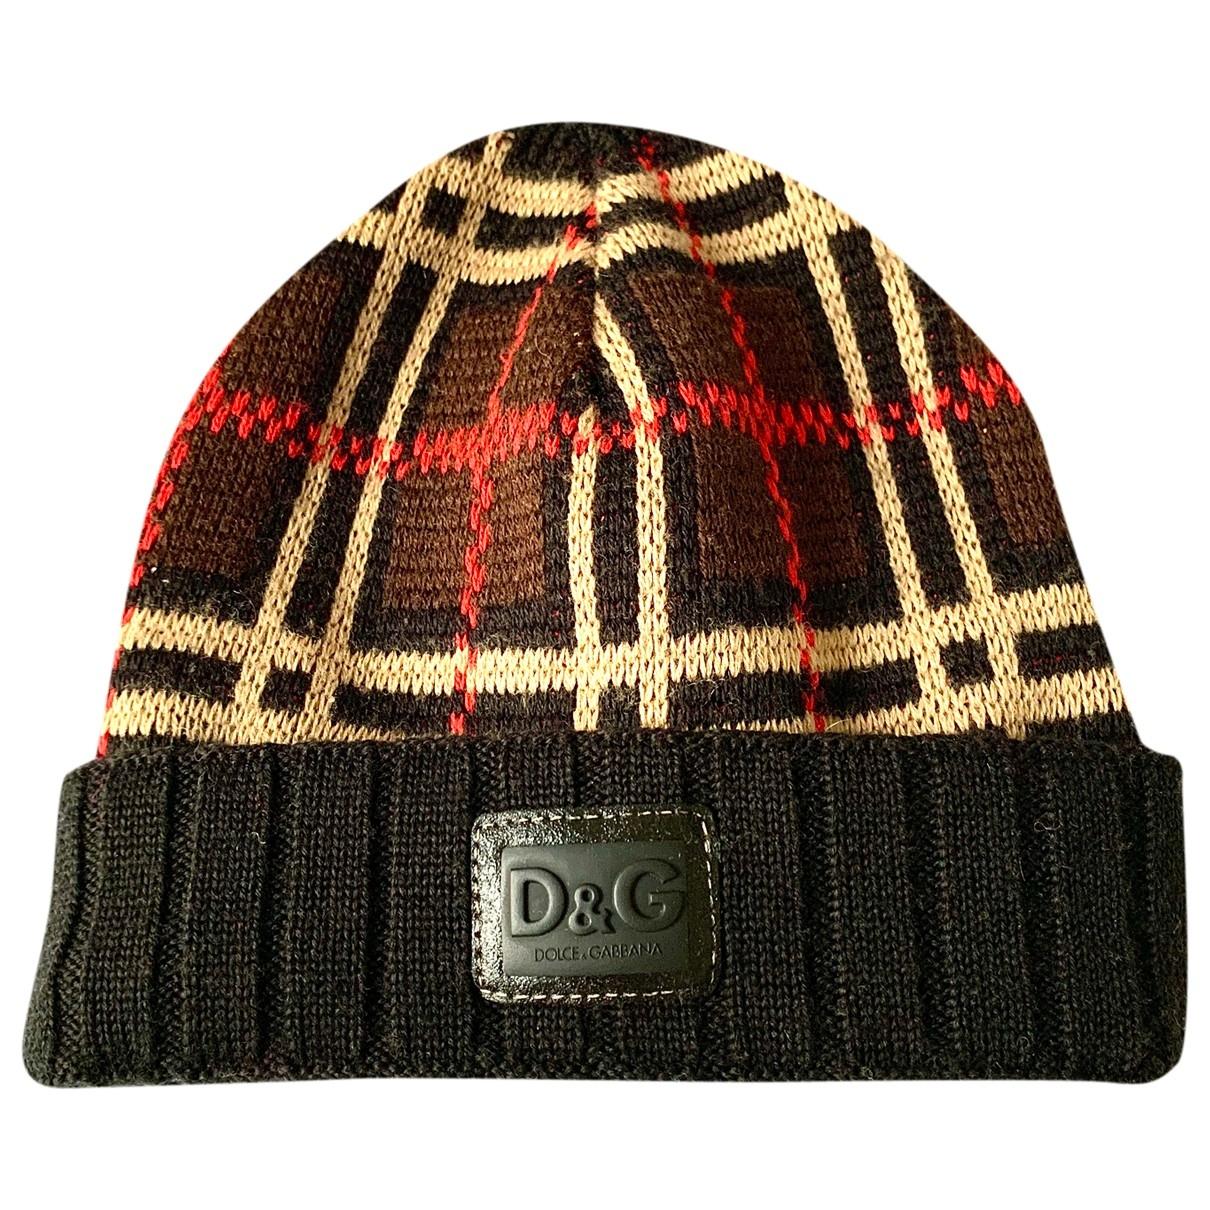 D&g - Chapeau & Bonnets   pour homme en laine